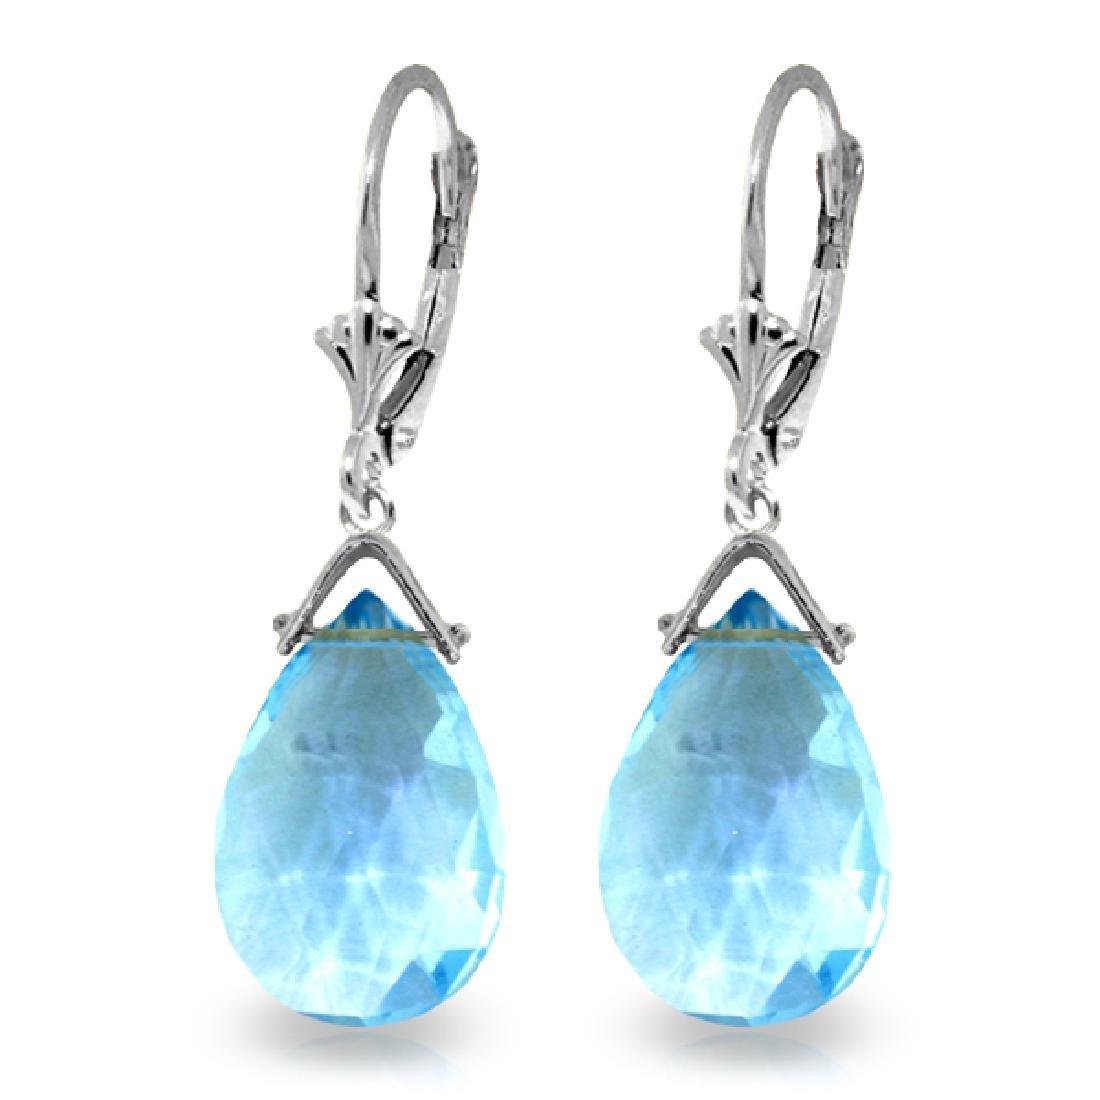 Genuine 10.20 ctw Blue Topaz Earrings Jewelry 14KT